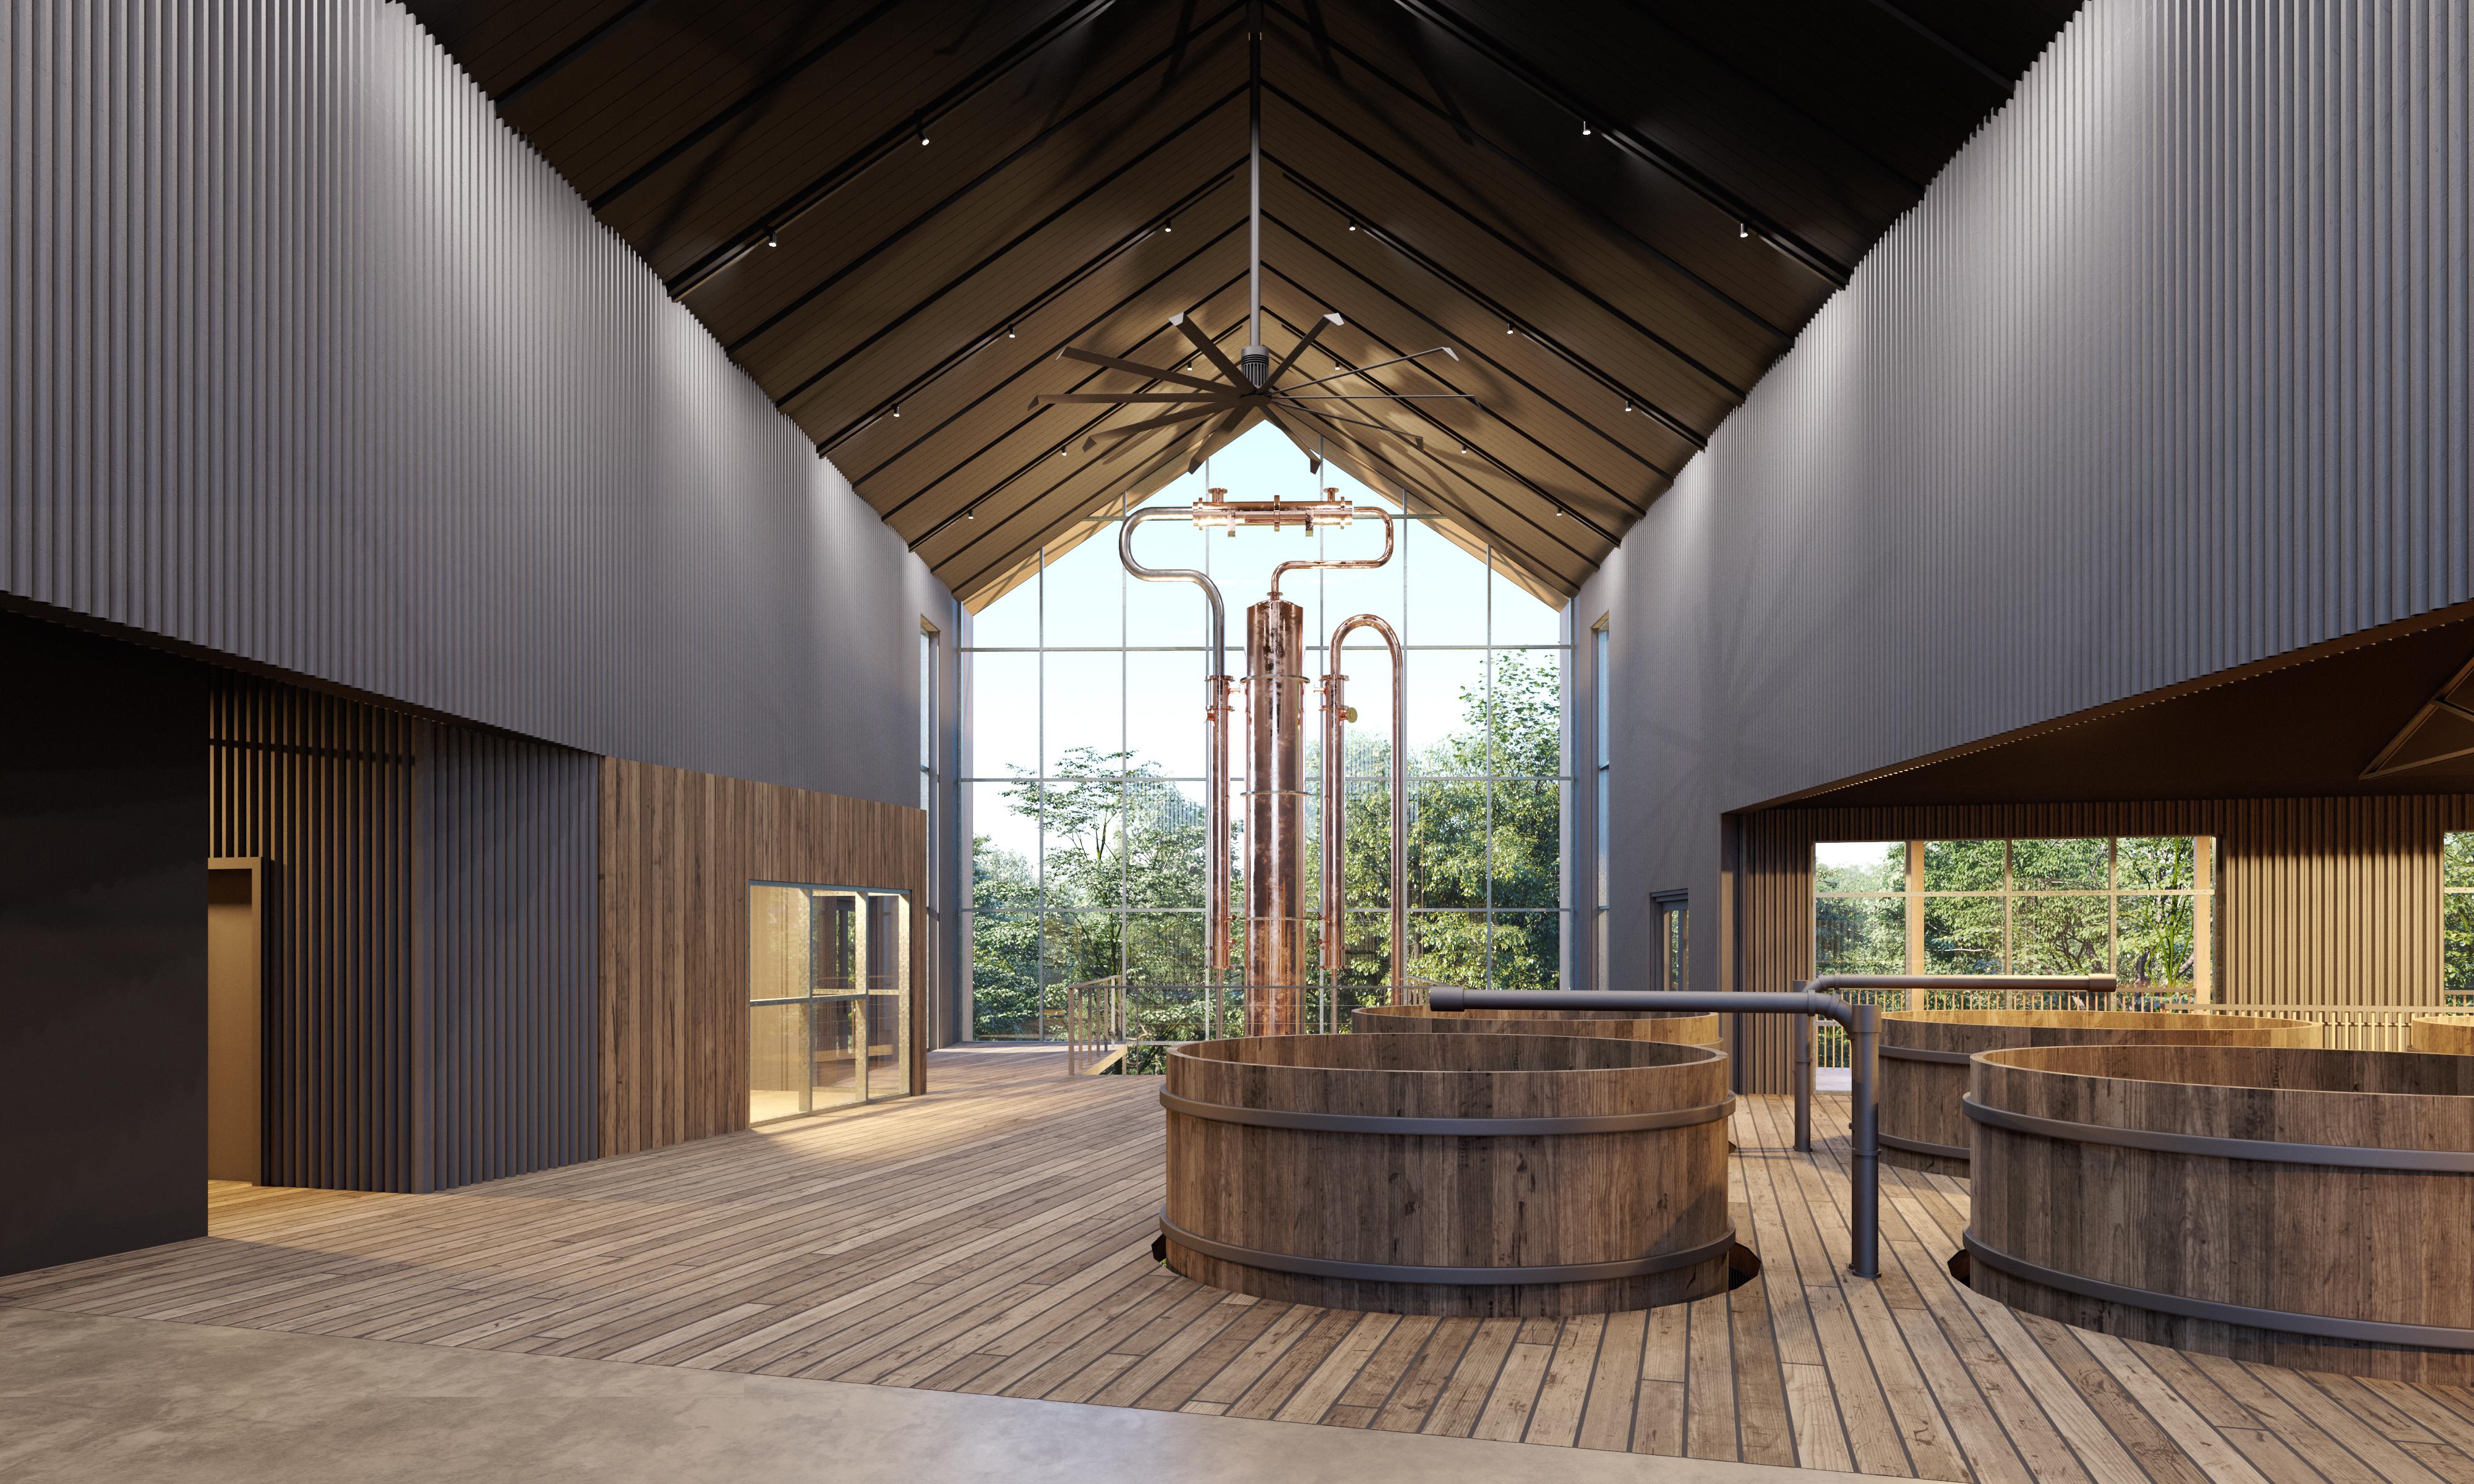 clyde-mays-distillery-interior-wood-stills